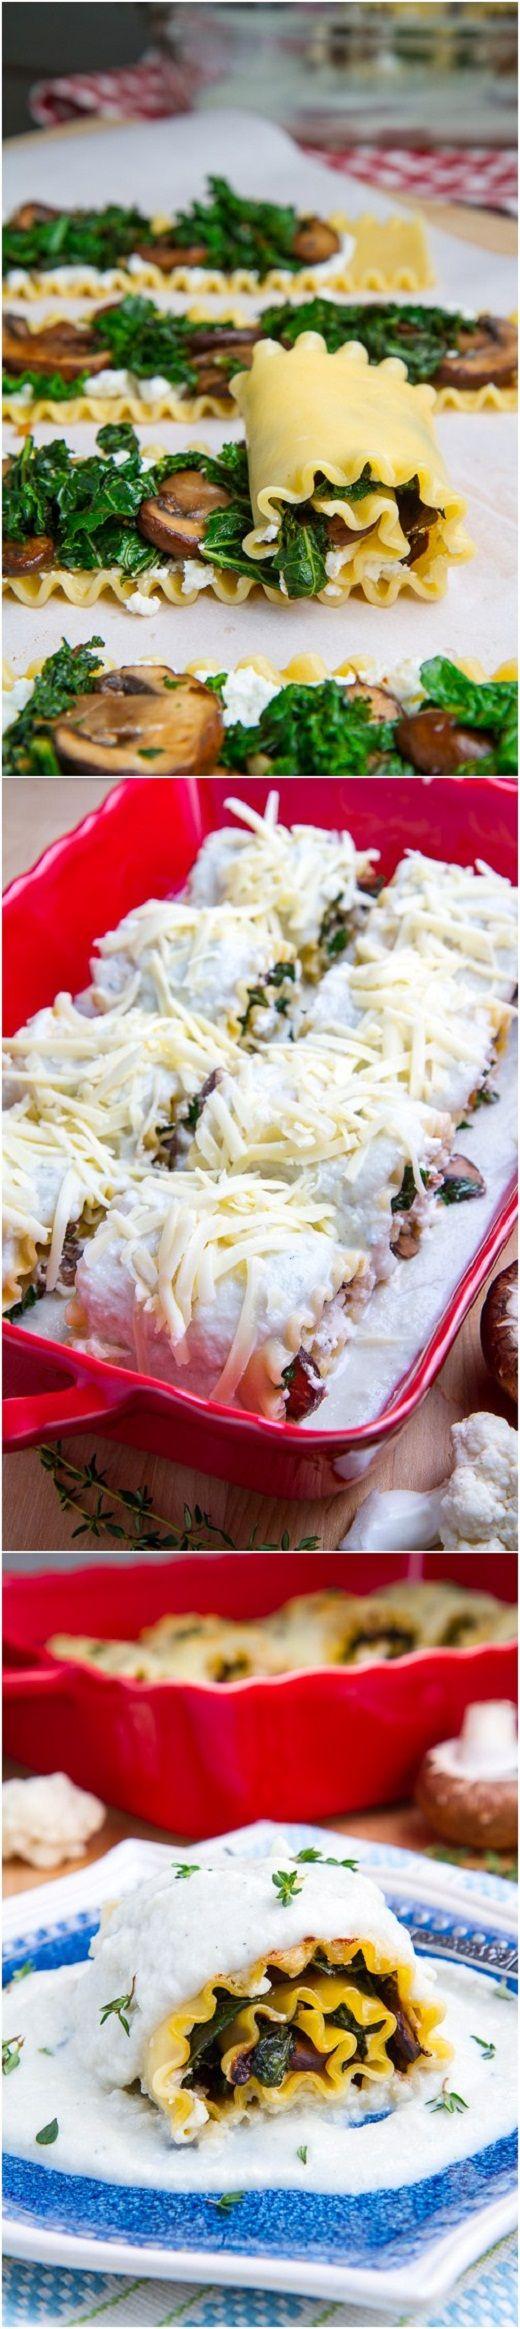 Лазанья ролл с грибами Mushroom Lasagna Roll Ups